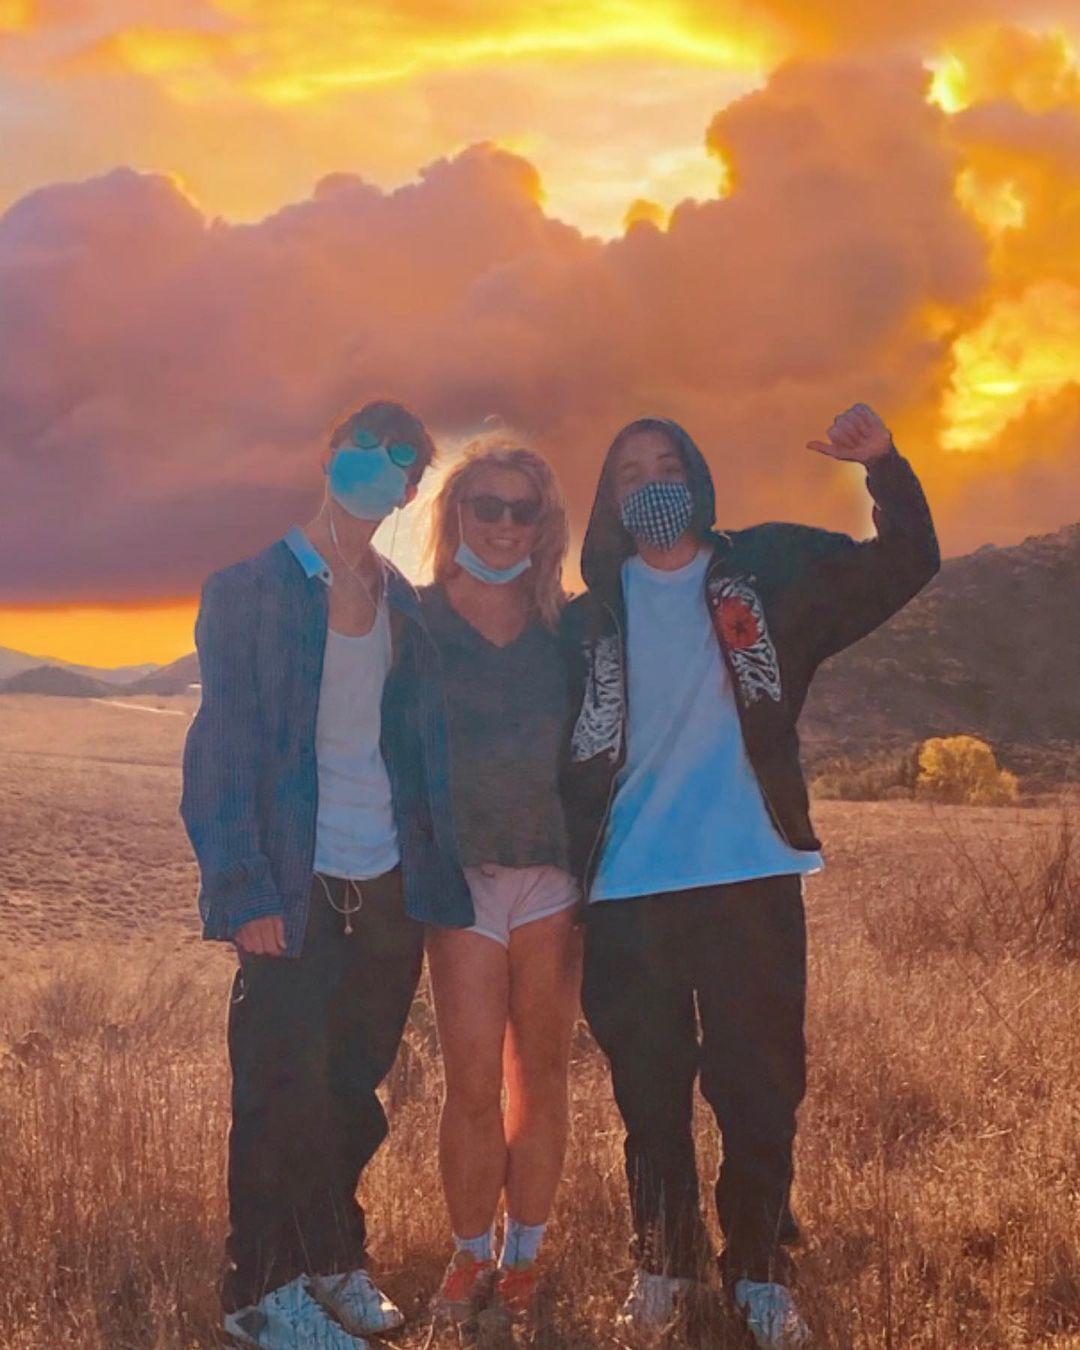 Брітні Спірс – американська поп-співачка